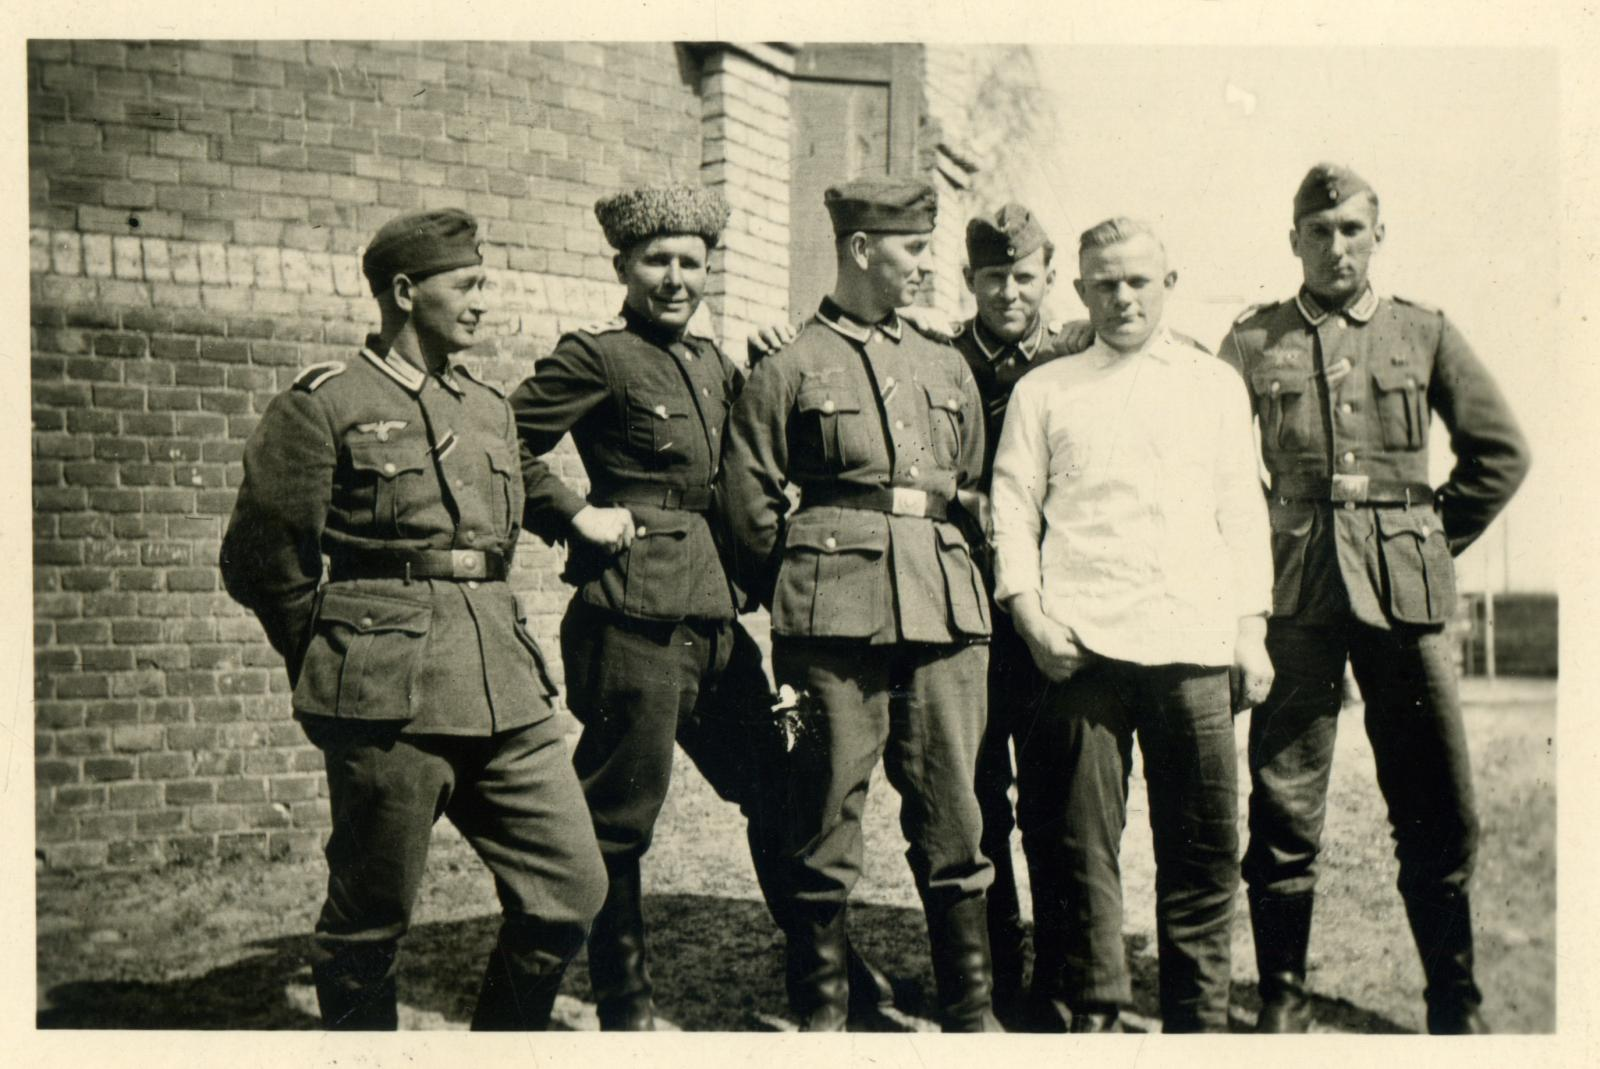 Деревня Нахов, Гомельской области. 17.05.1943